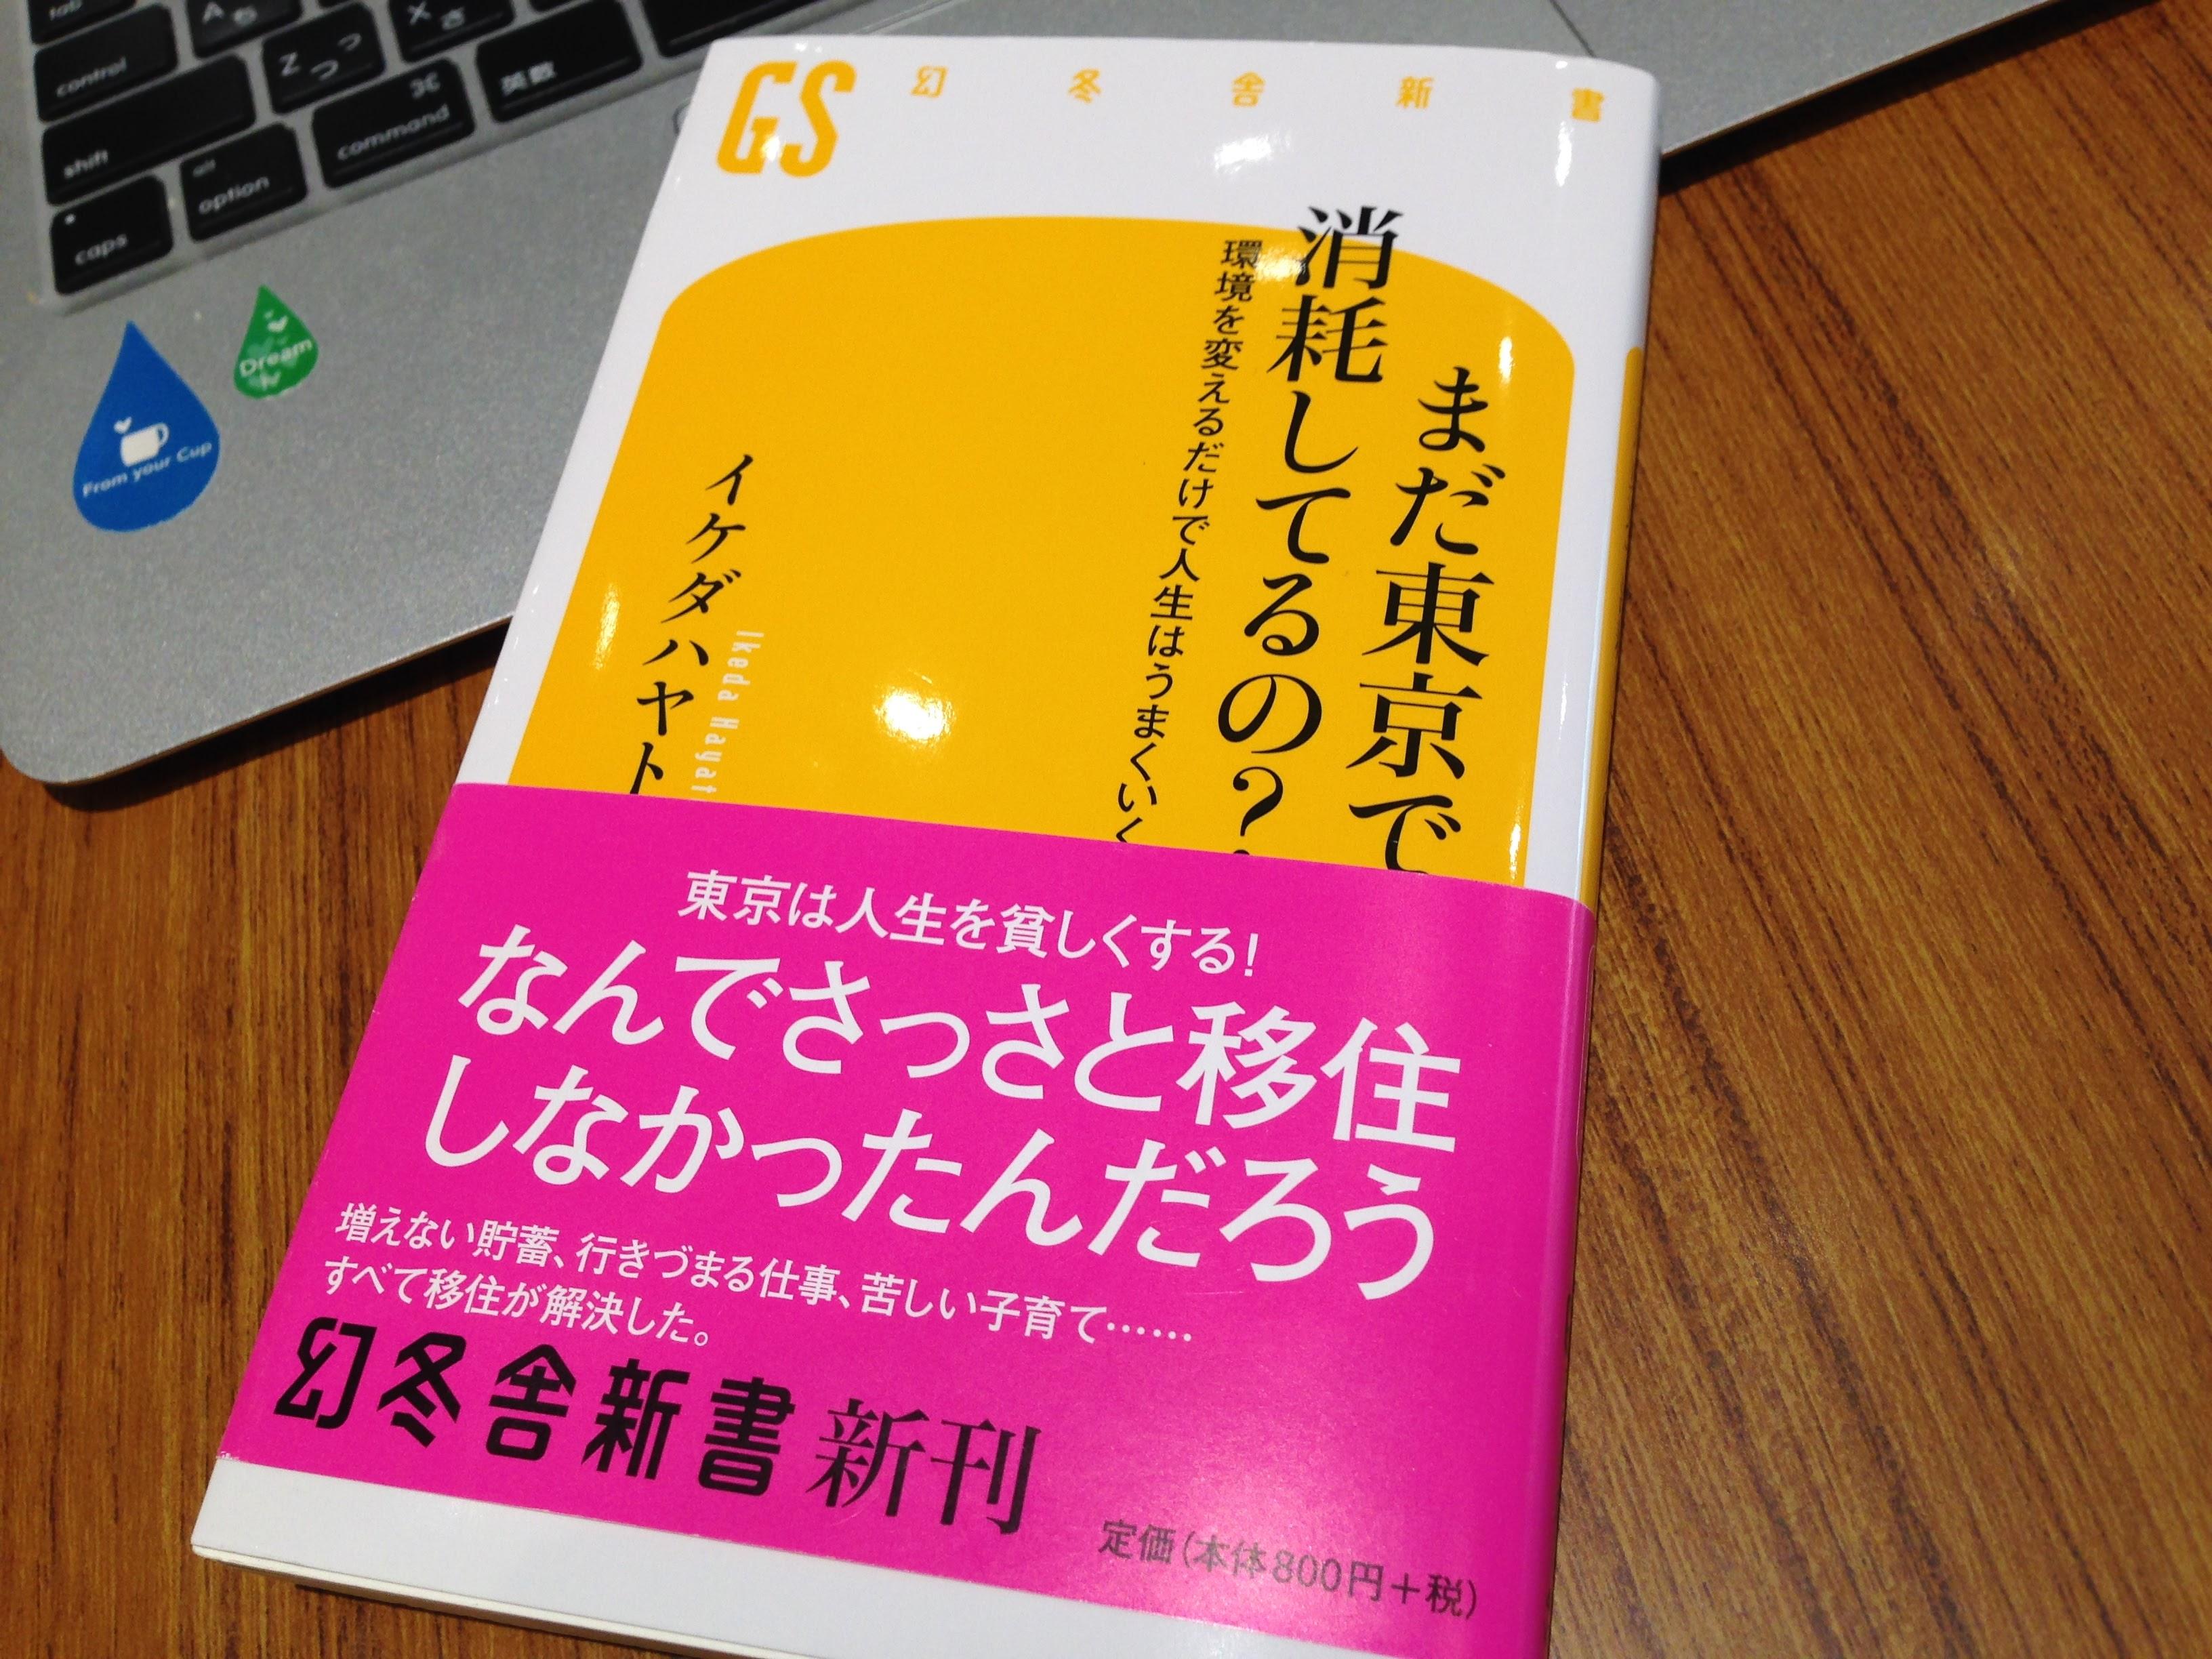 読んでいて気持ちのいい本「まだ東京で消耗してるの?」がおすすめ